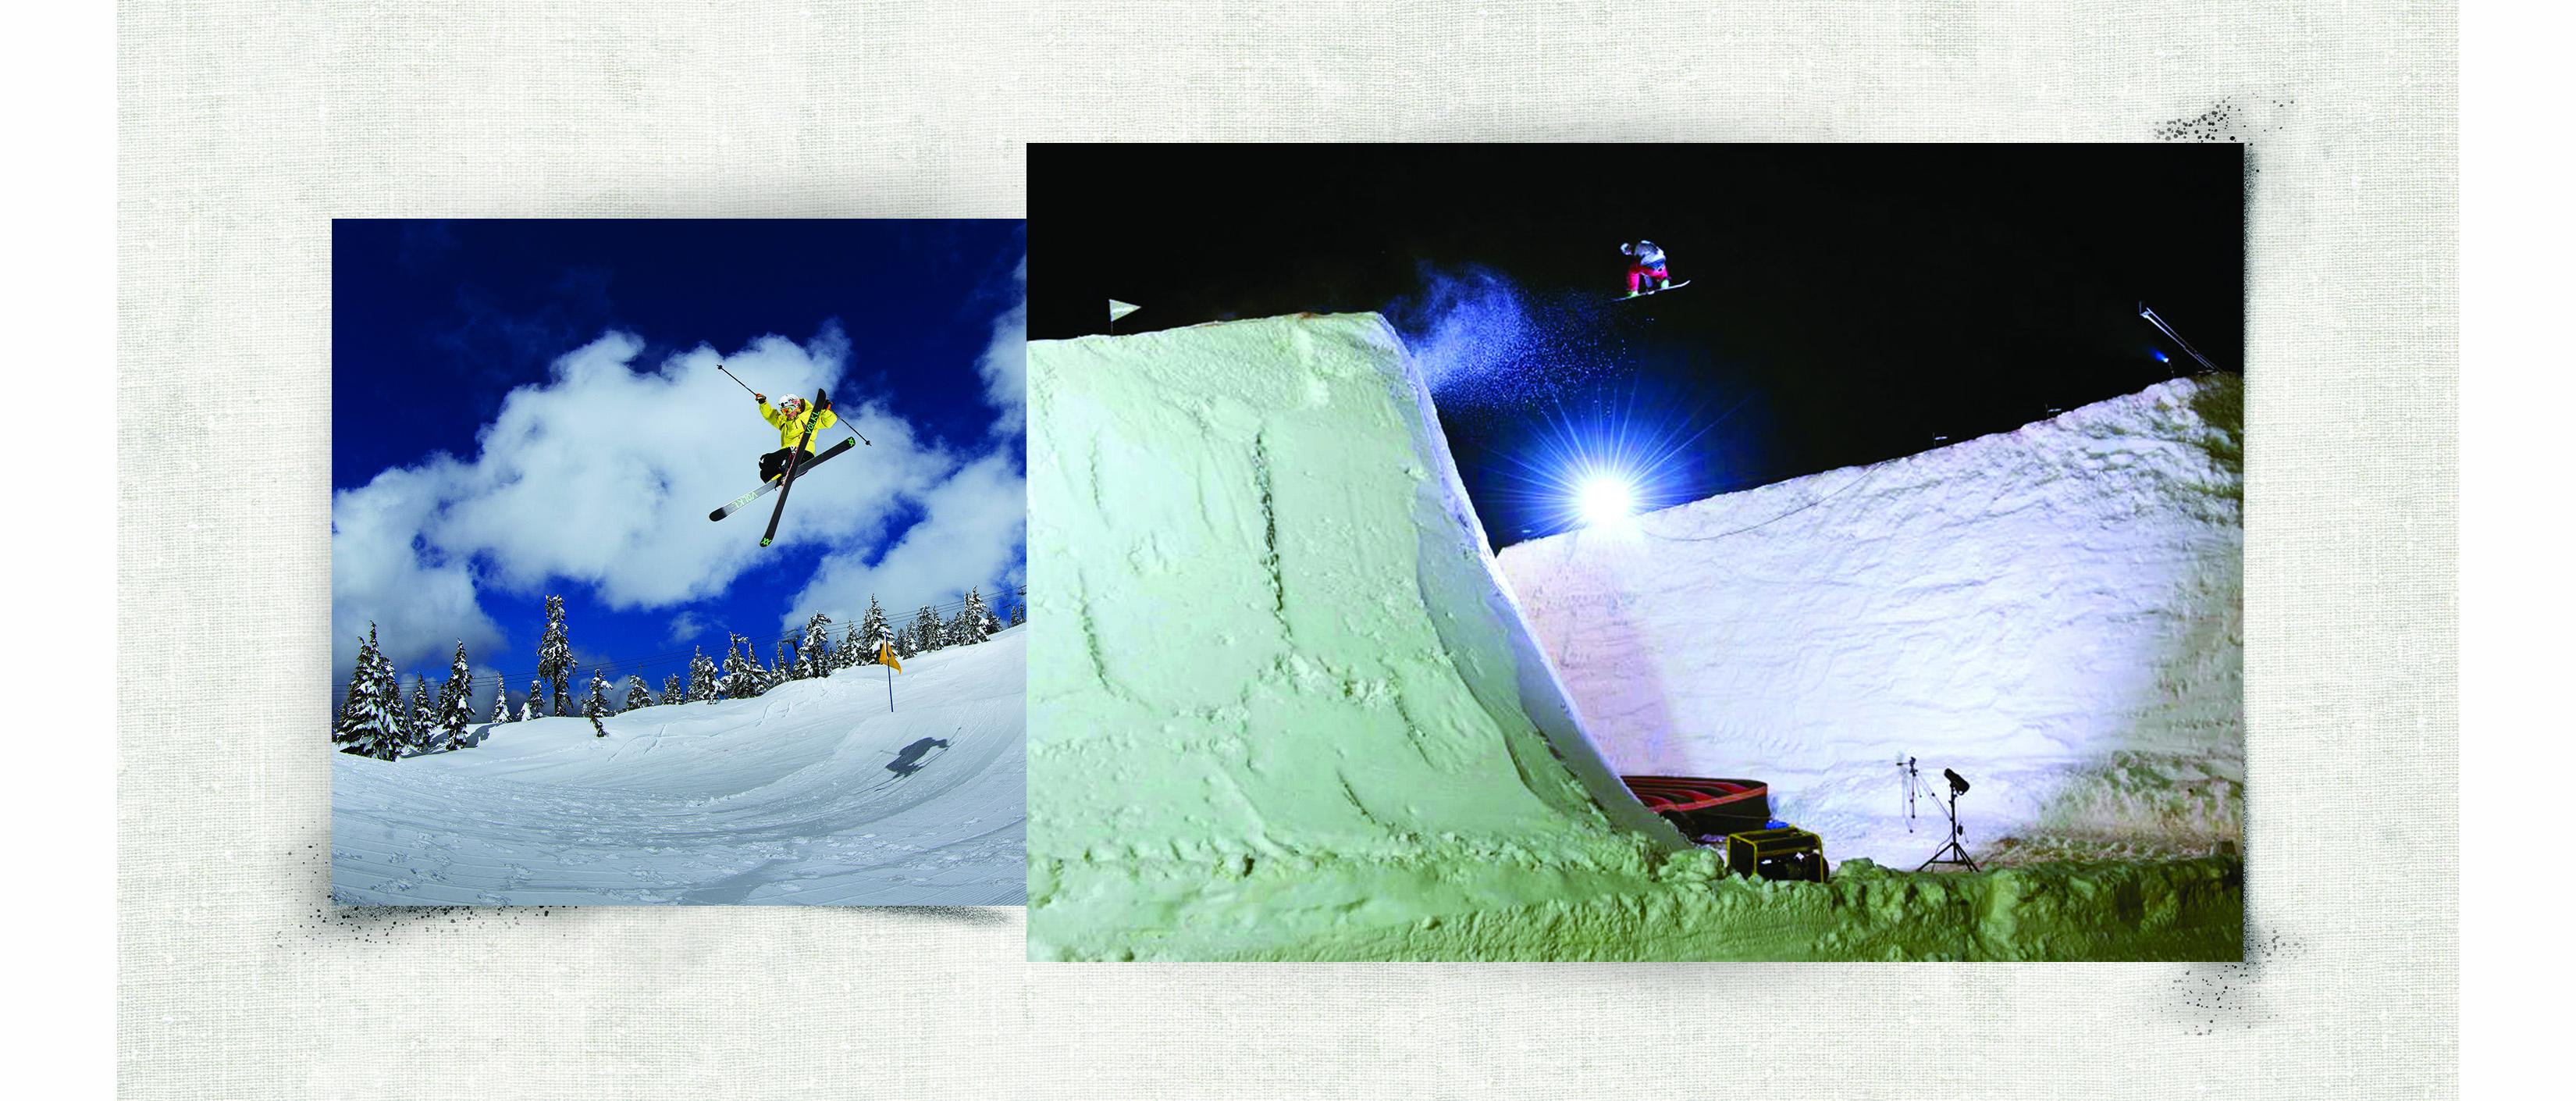 BSD ski wax